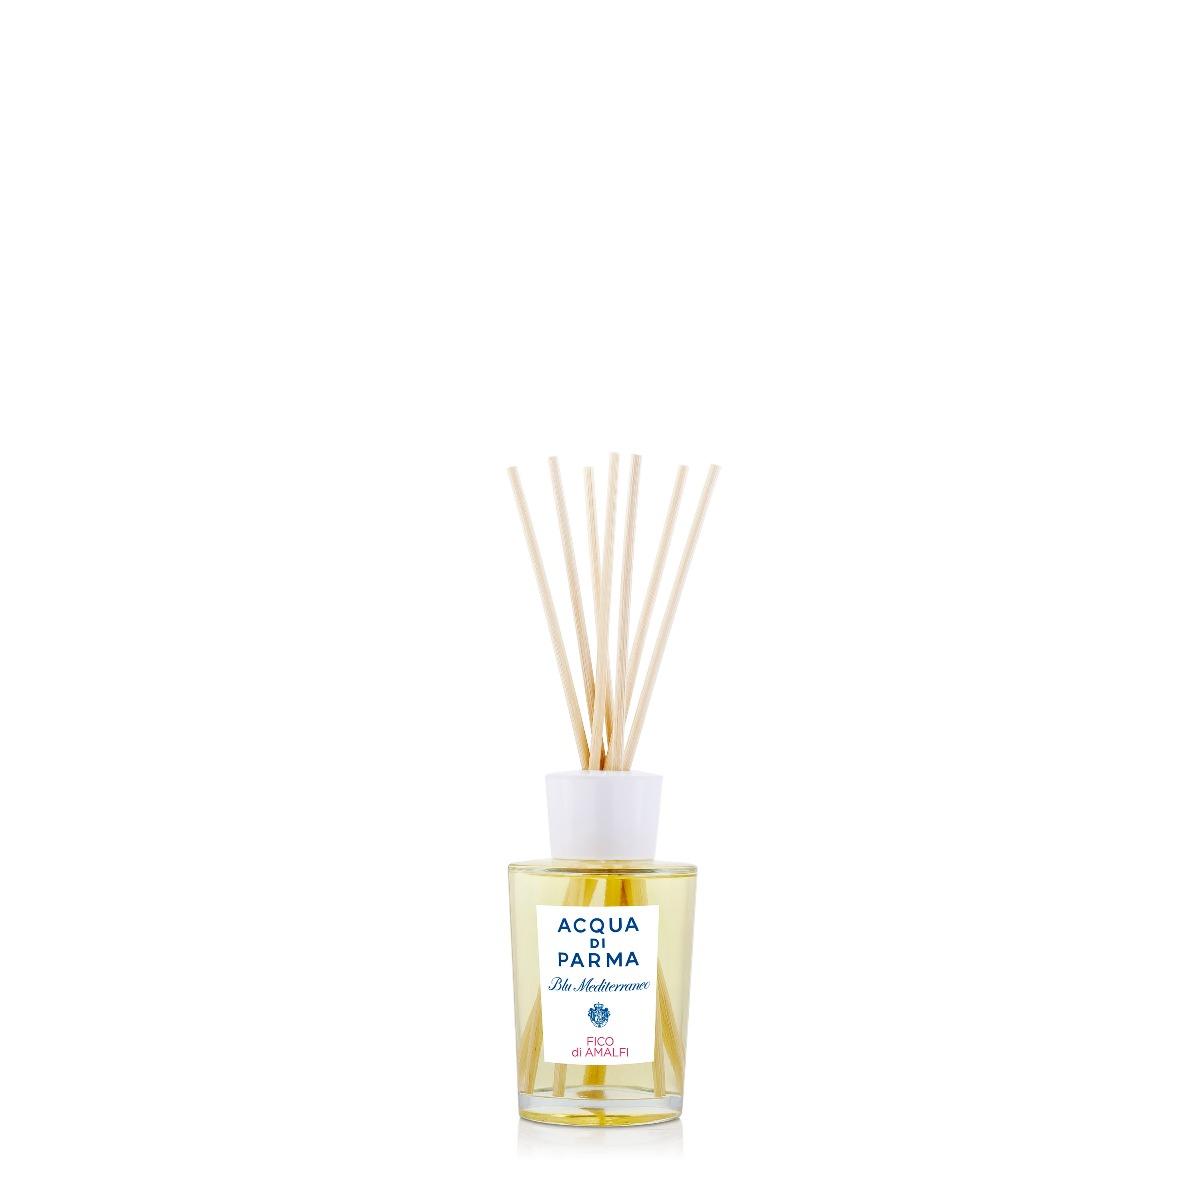 Dyfuzor zapachowy BM Fico fi Amalfi 180ml Miloo Home 62207